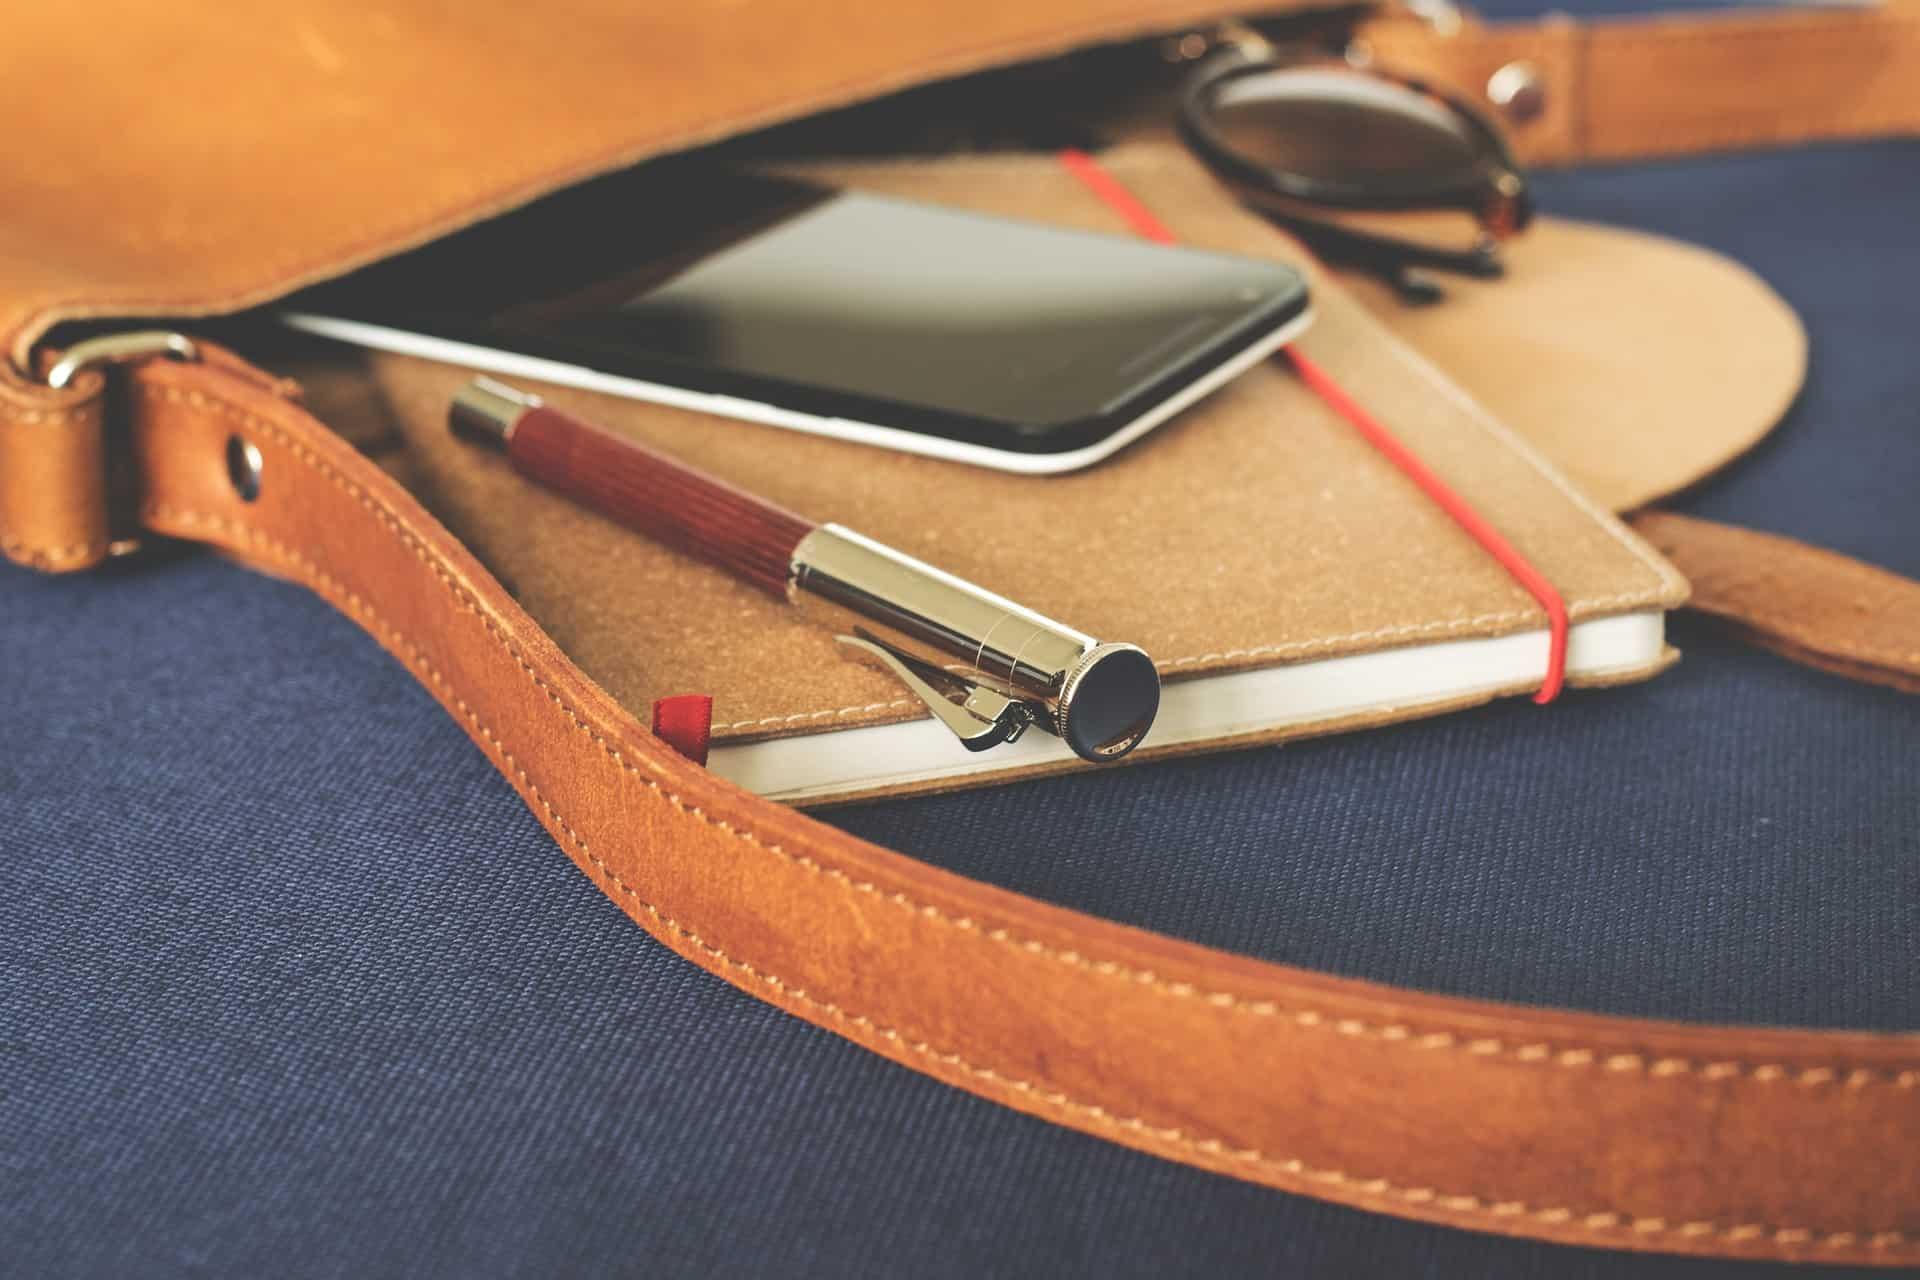 Imagem de pasta executiva de couro marrom com celular, caneta e agenda em destaque.